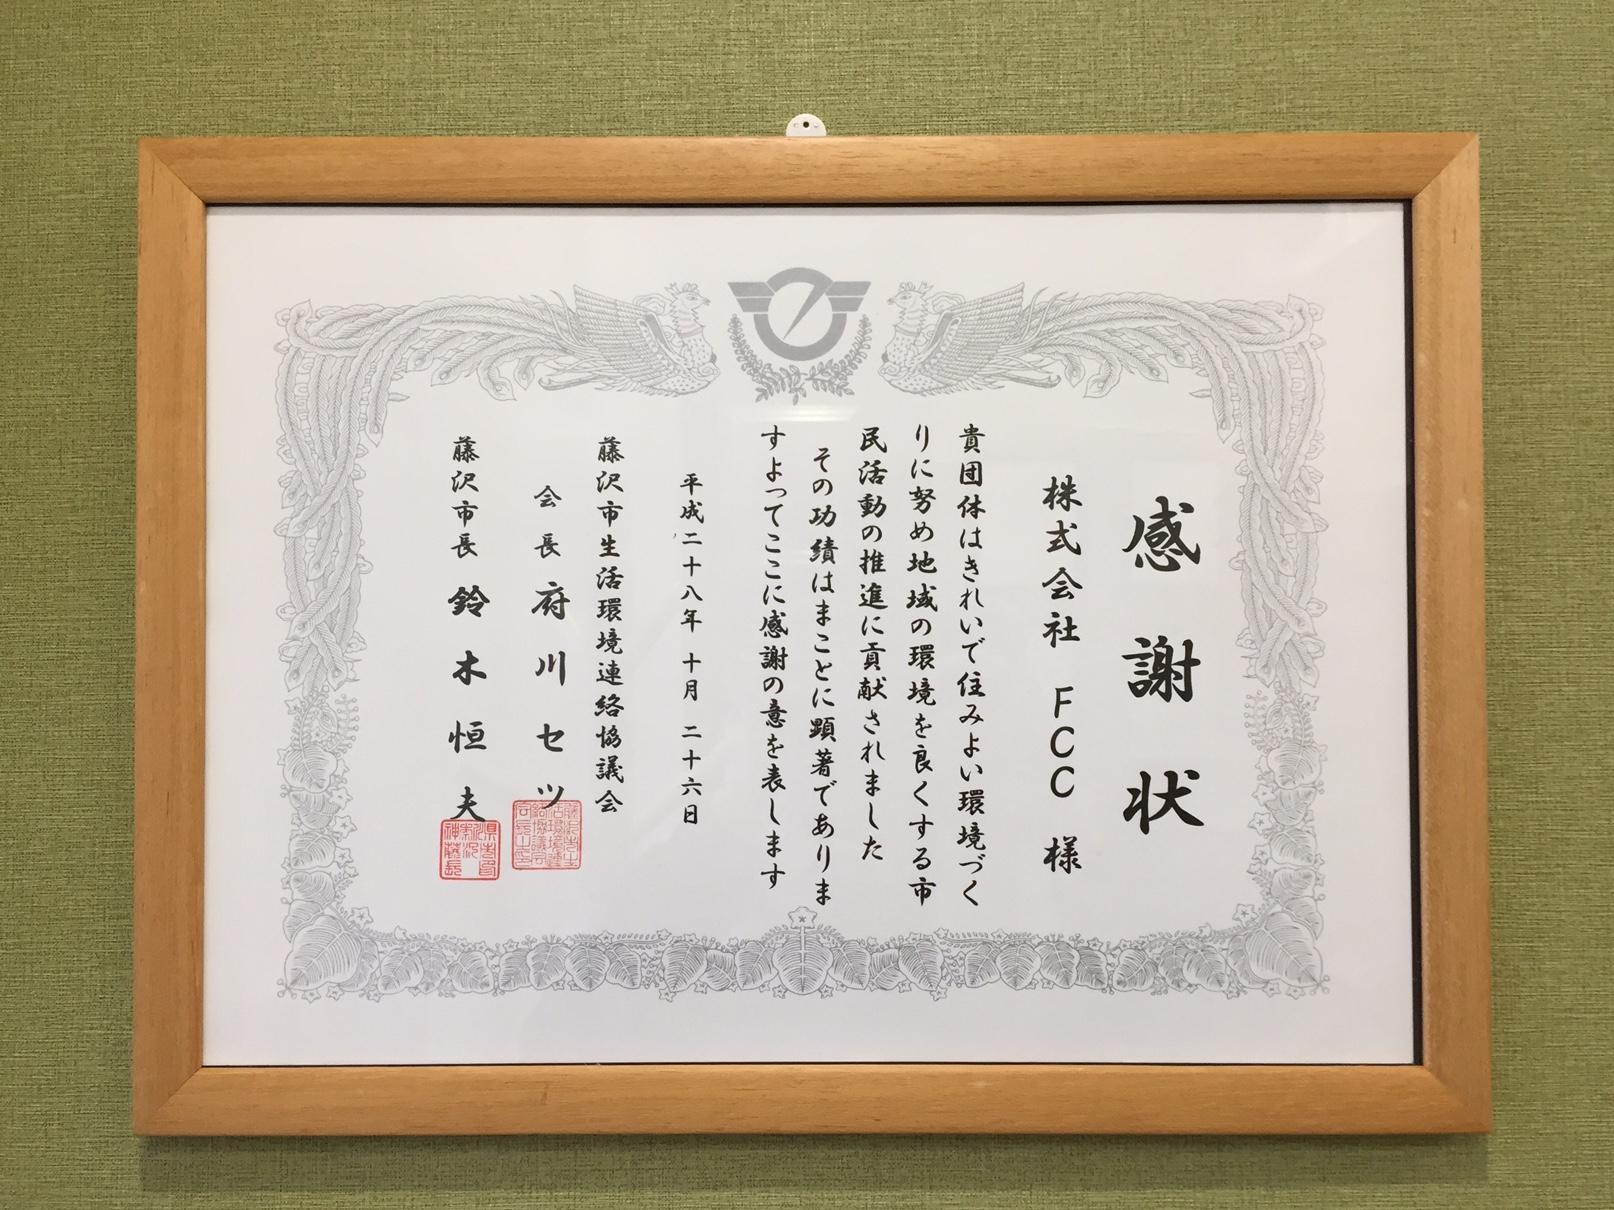 藤沢市表彰状.jpg